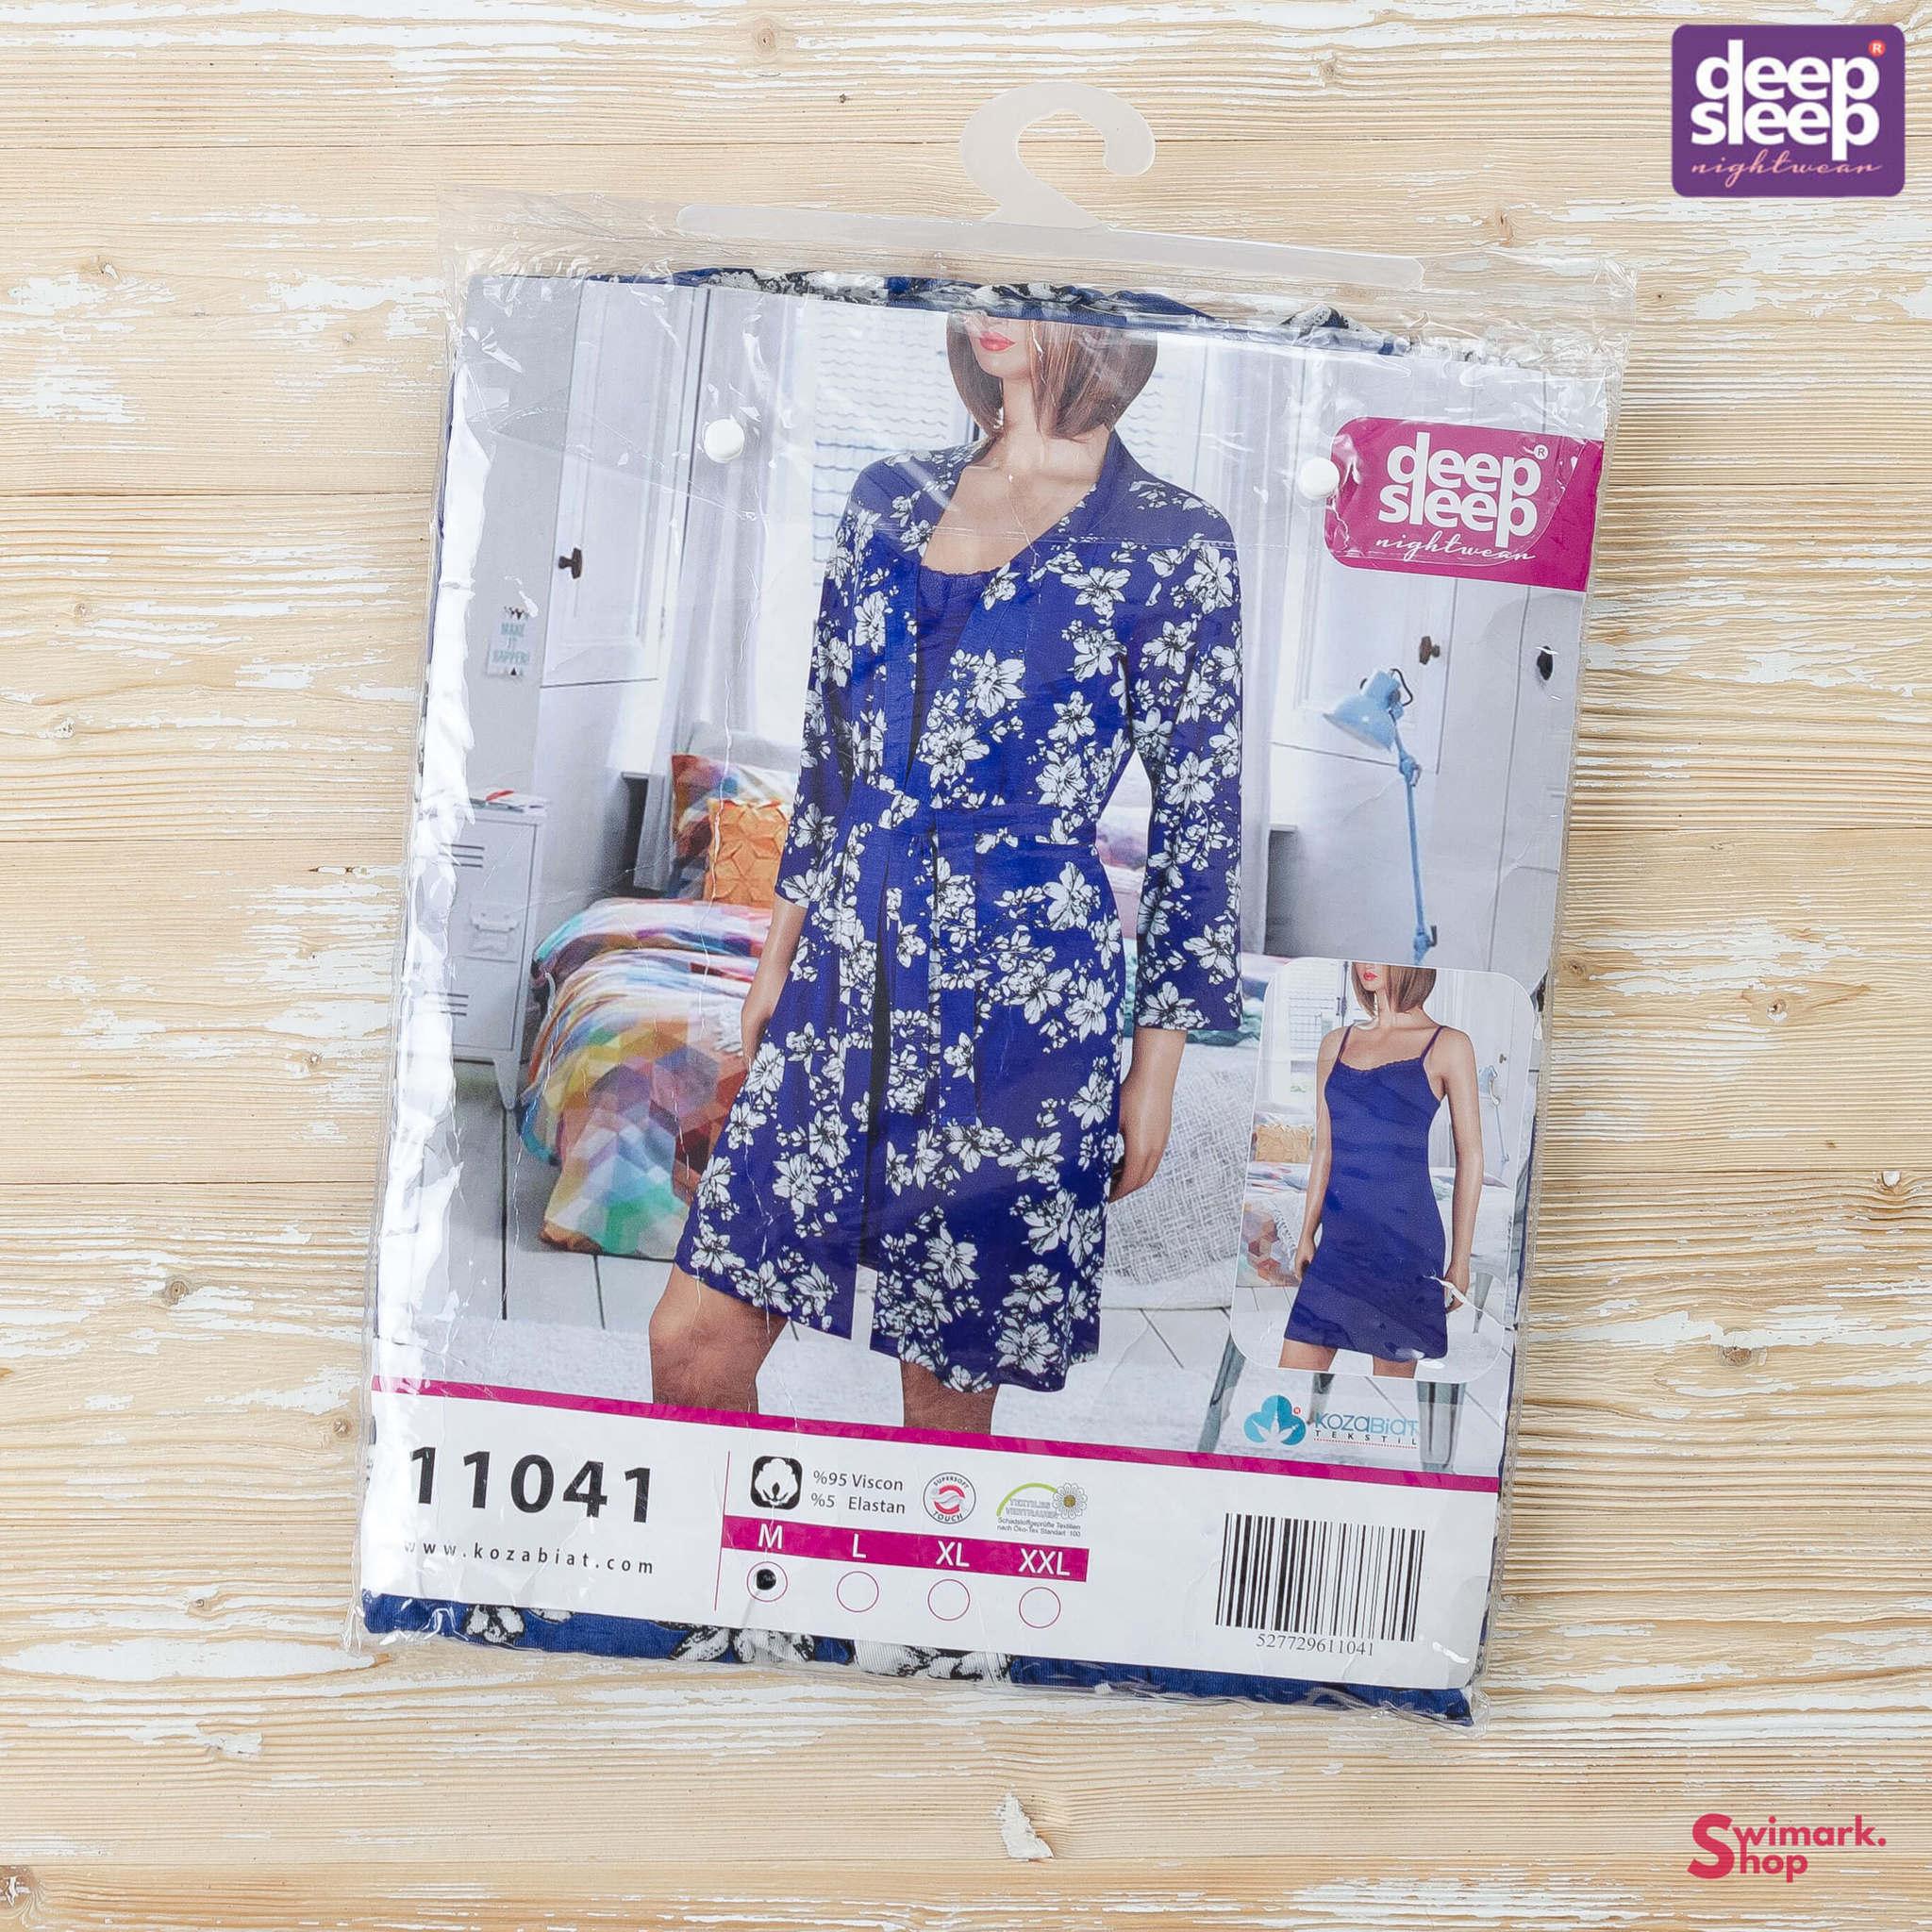 Популярное Комплект Deep Sleep 11041 kozabiat.shop88_888_893.jpg